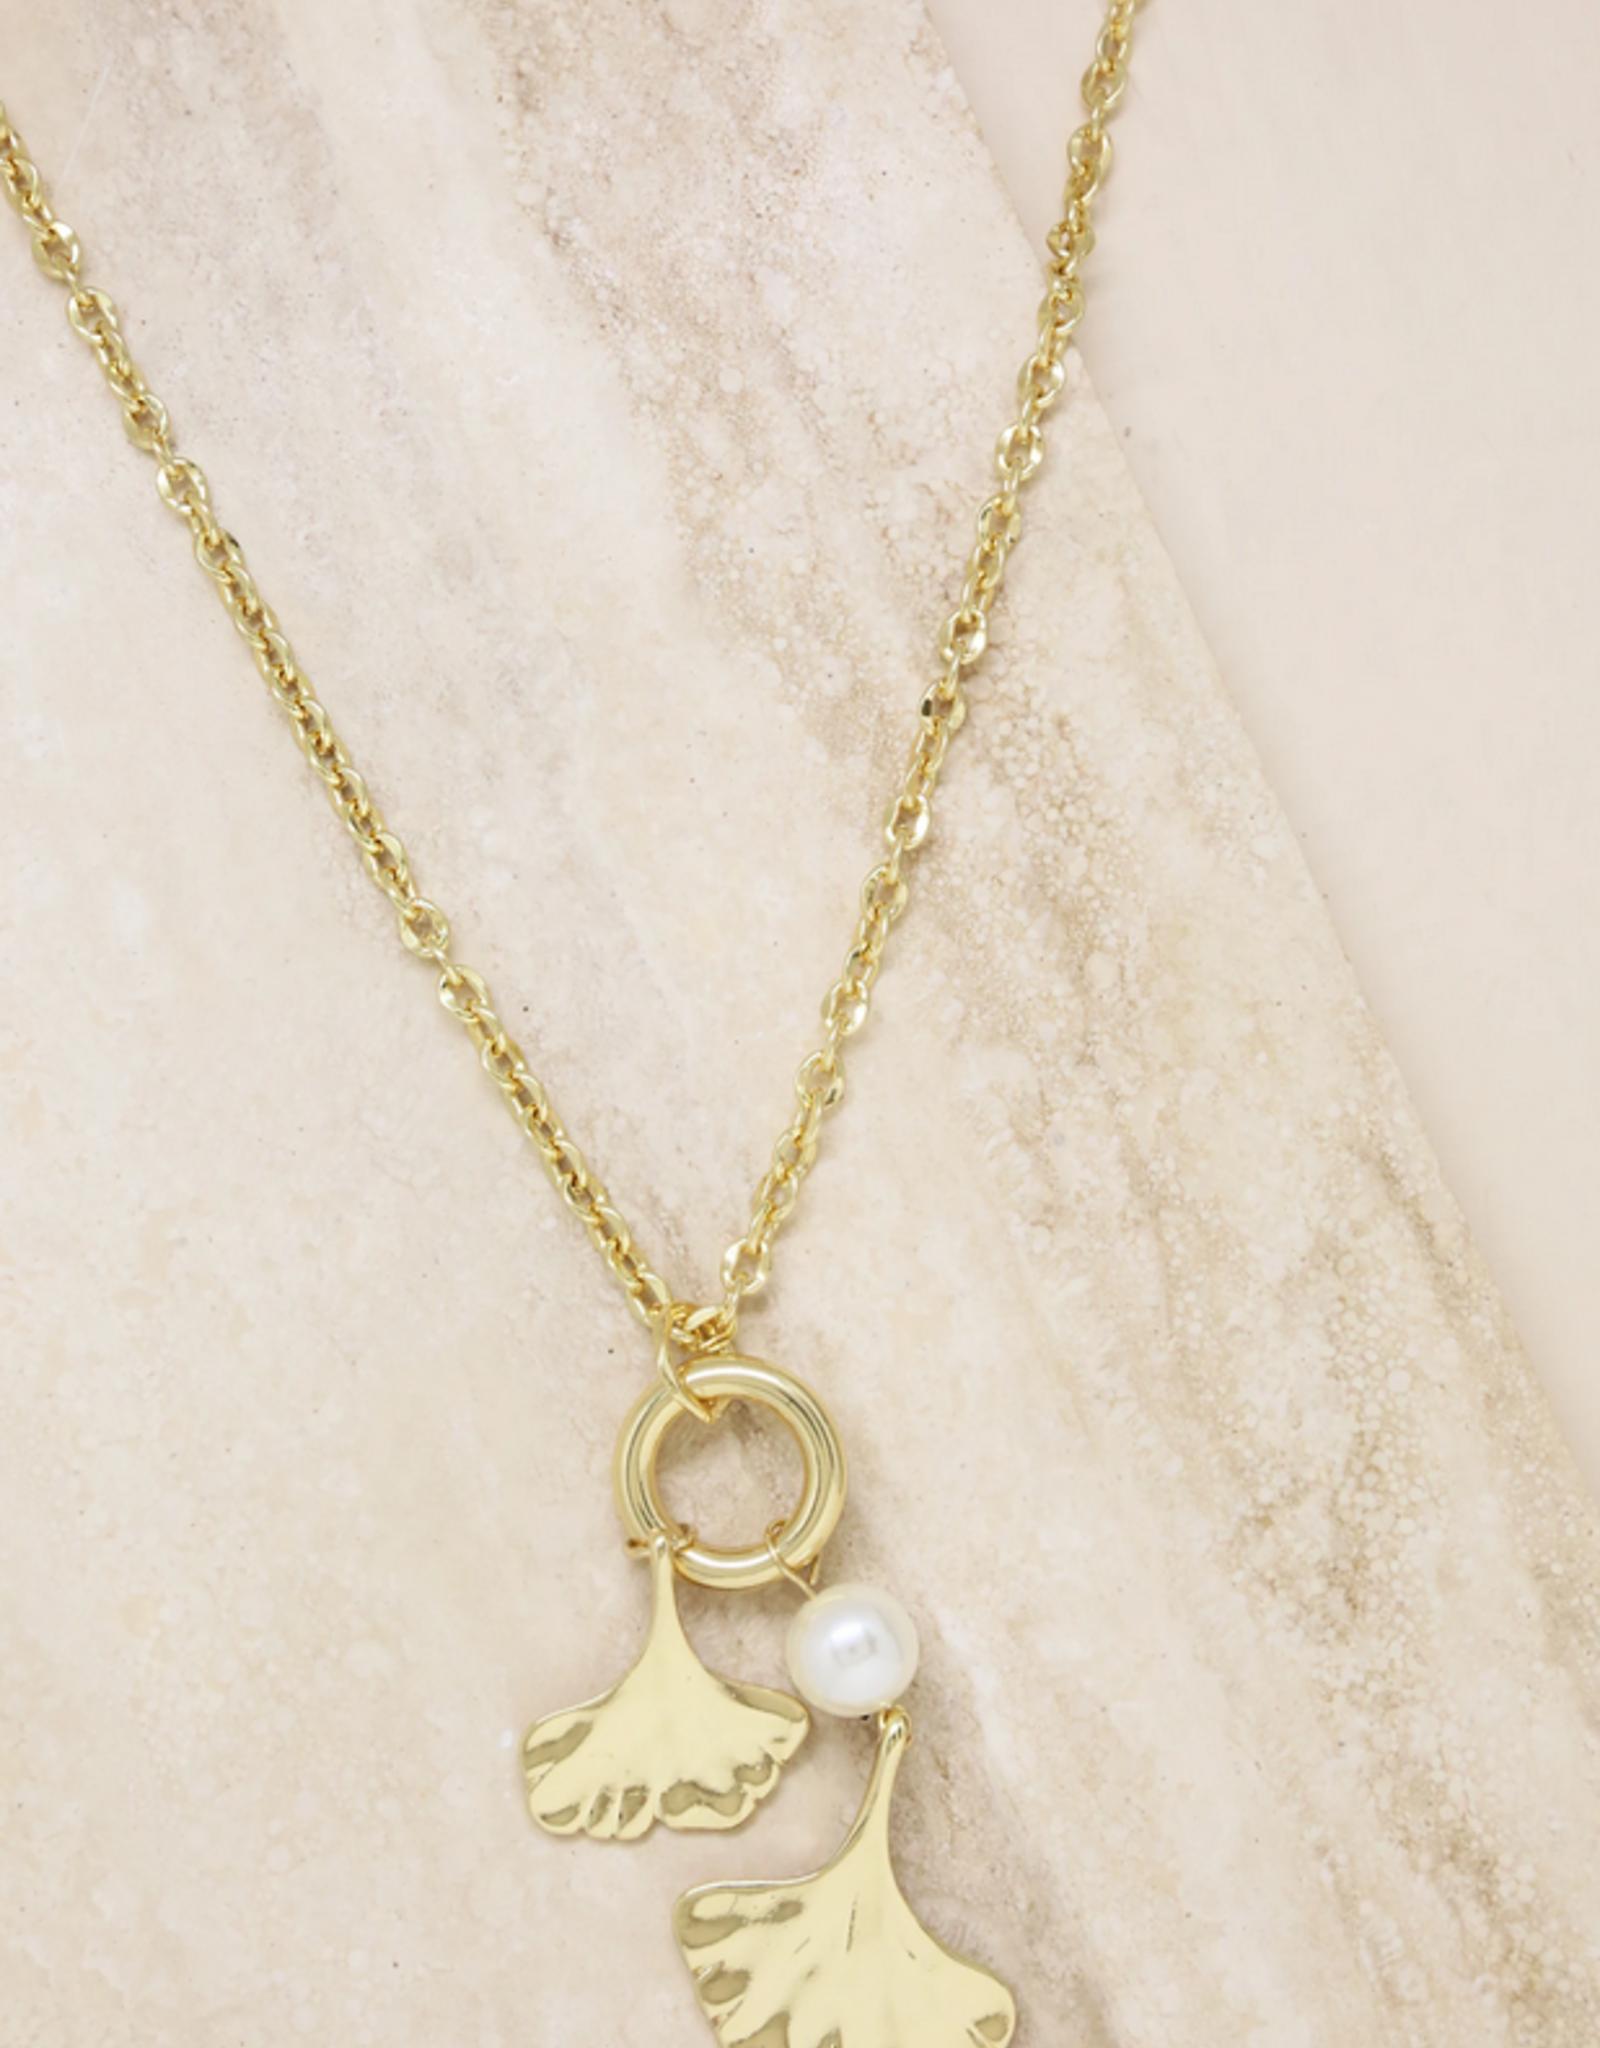 NECKLACE-AQUATIC, PEARL & GOLD